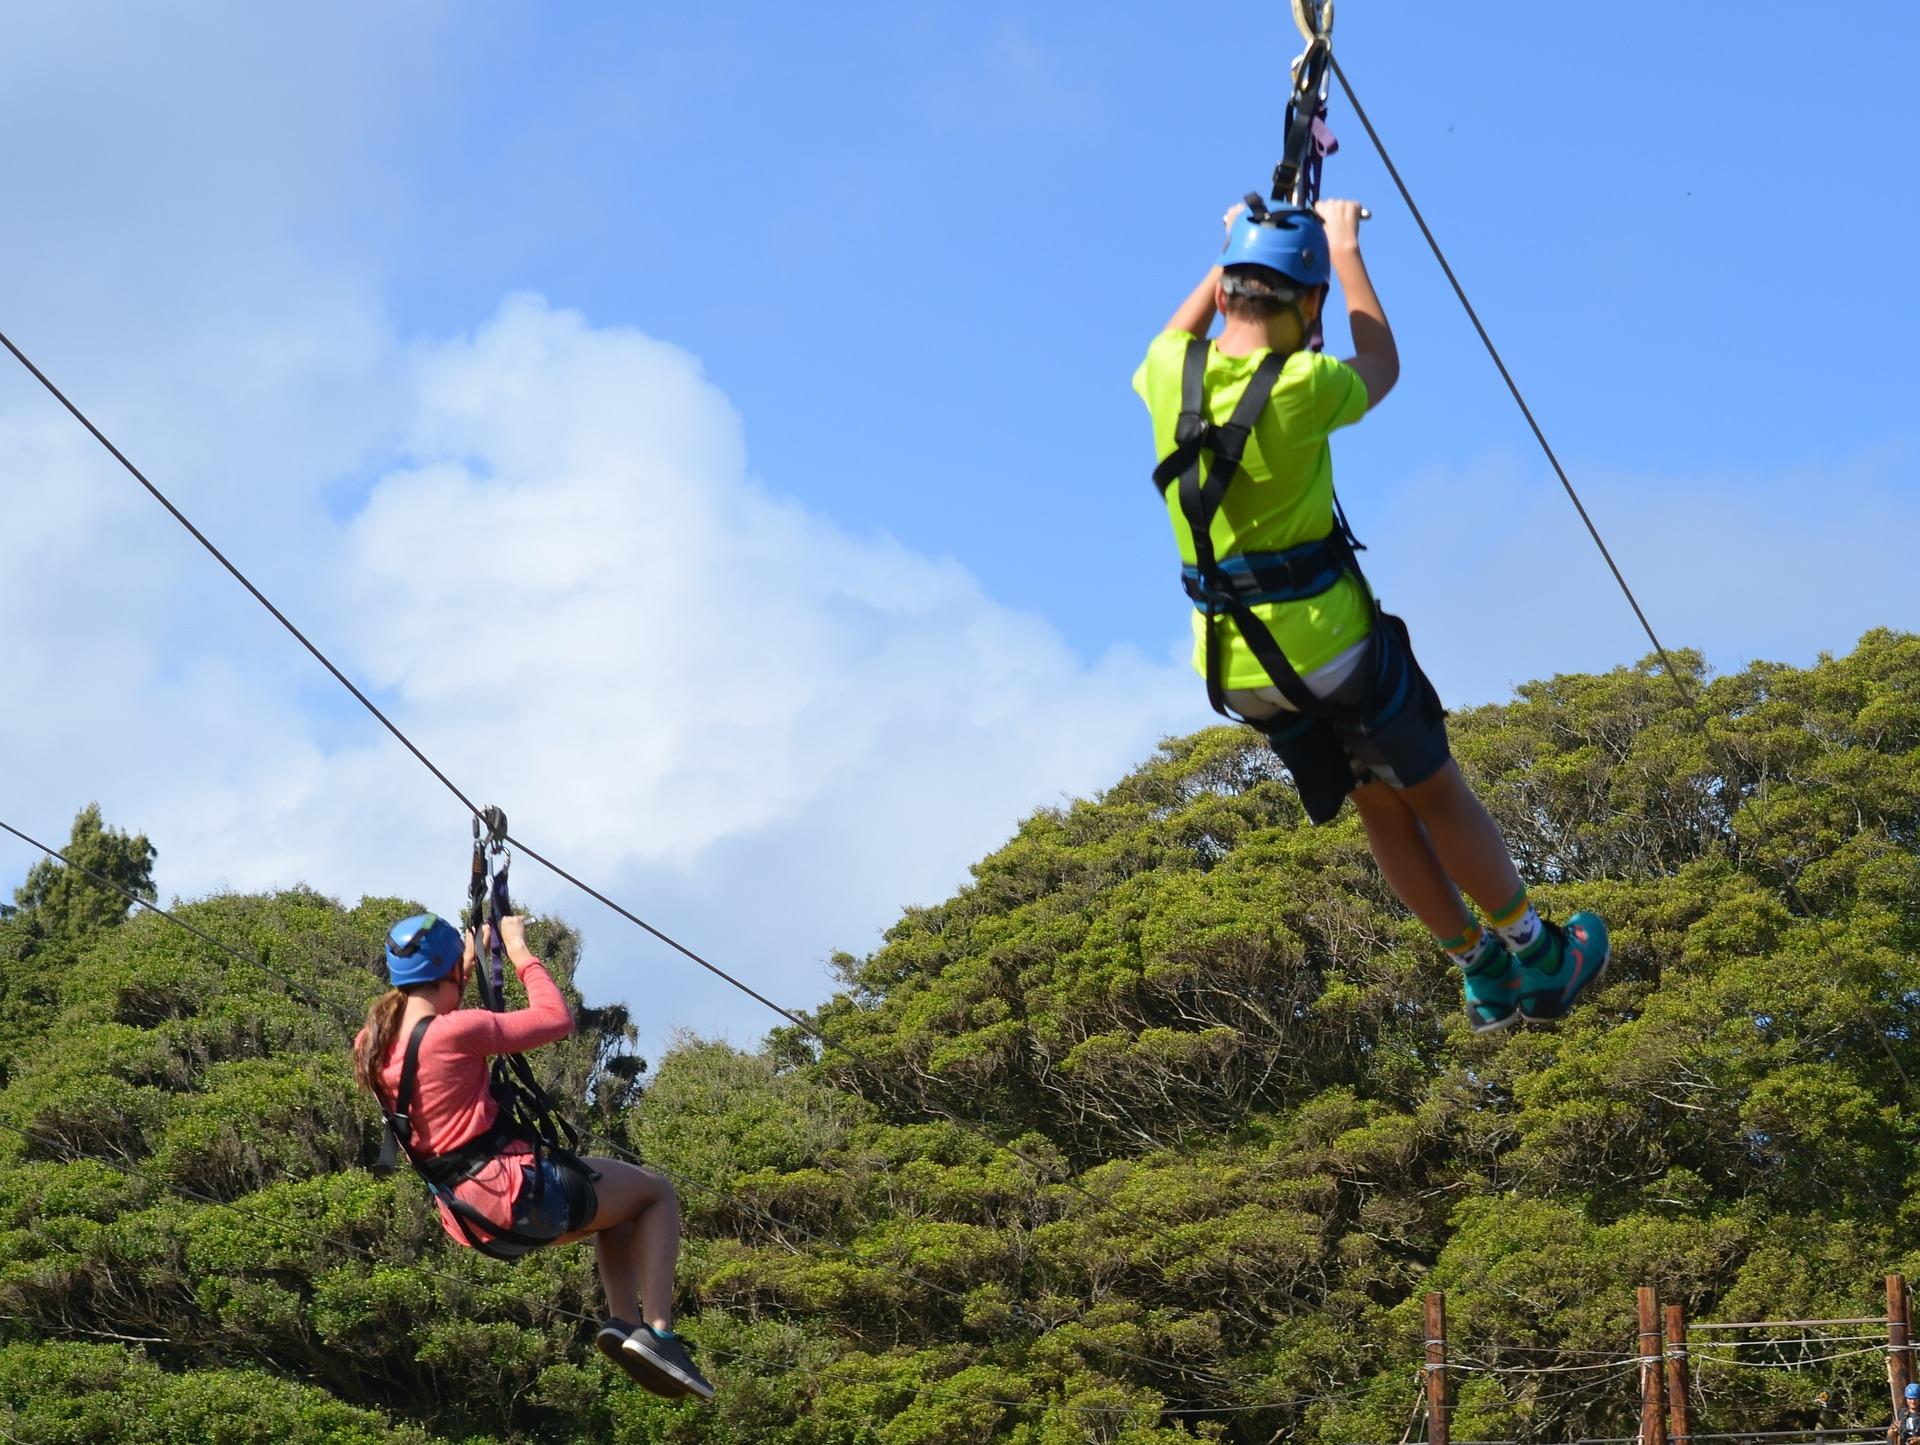 Top 8 Adventure Activities In Hawaii